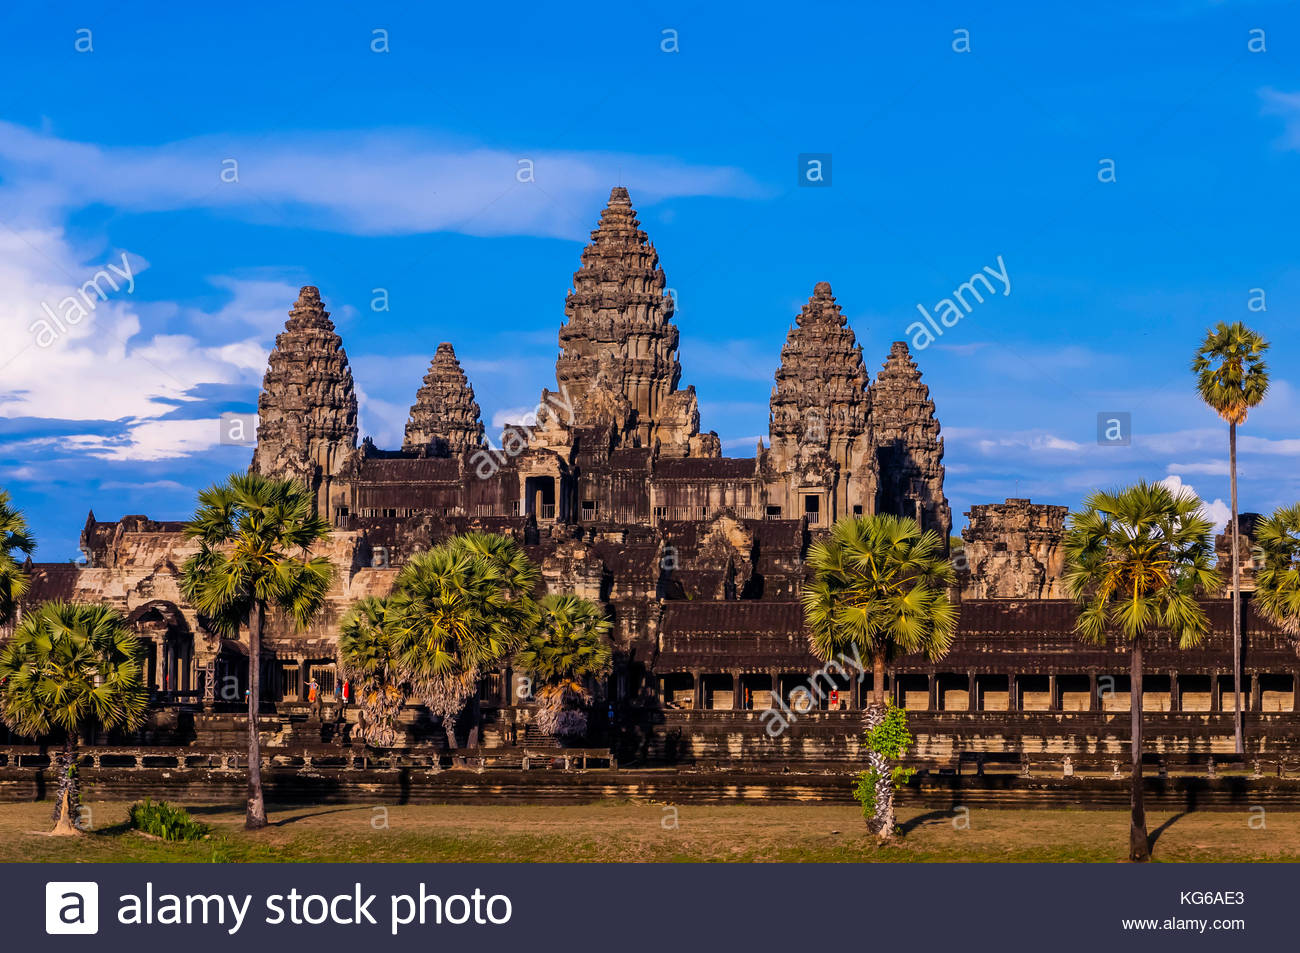 Angkor Wat, das größte religiöse Monument der Welt (bedeutet, Stadt, die ist ein Tempel); Kambodscha. Stockbild